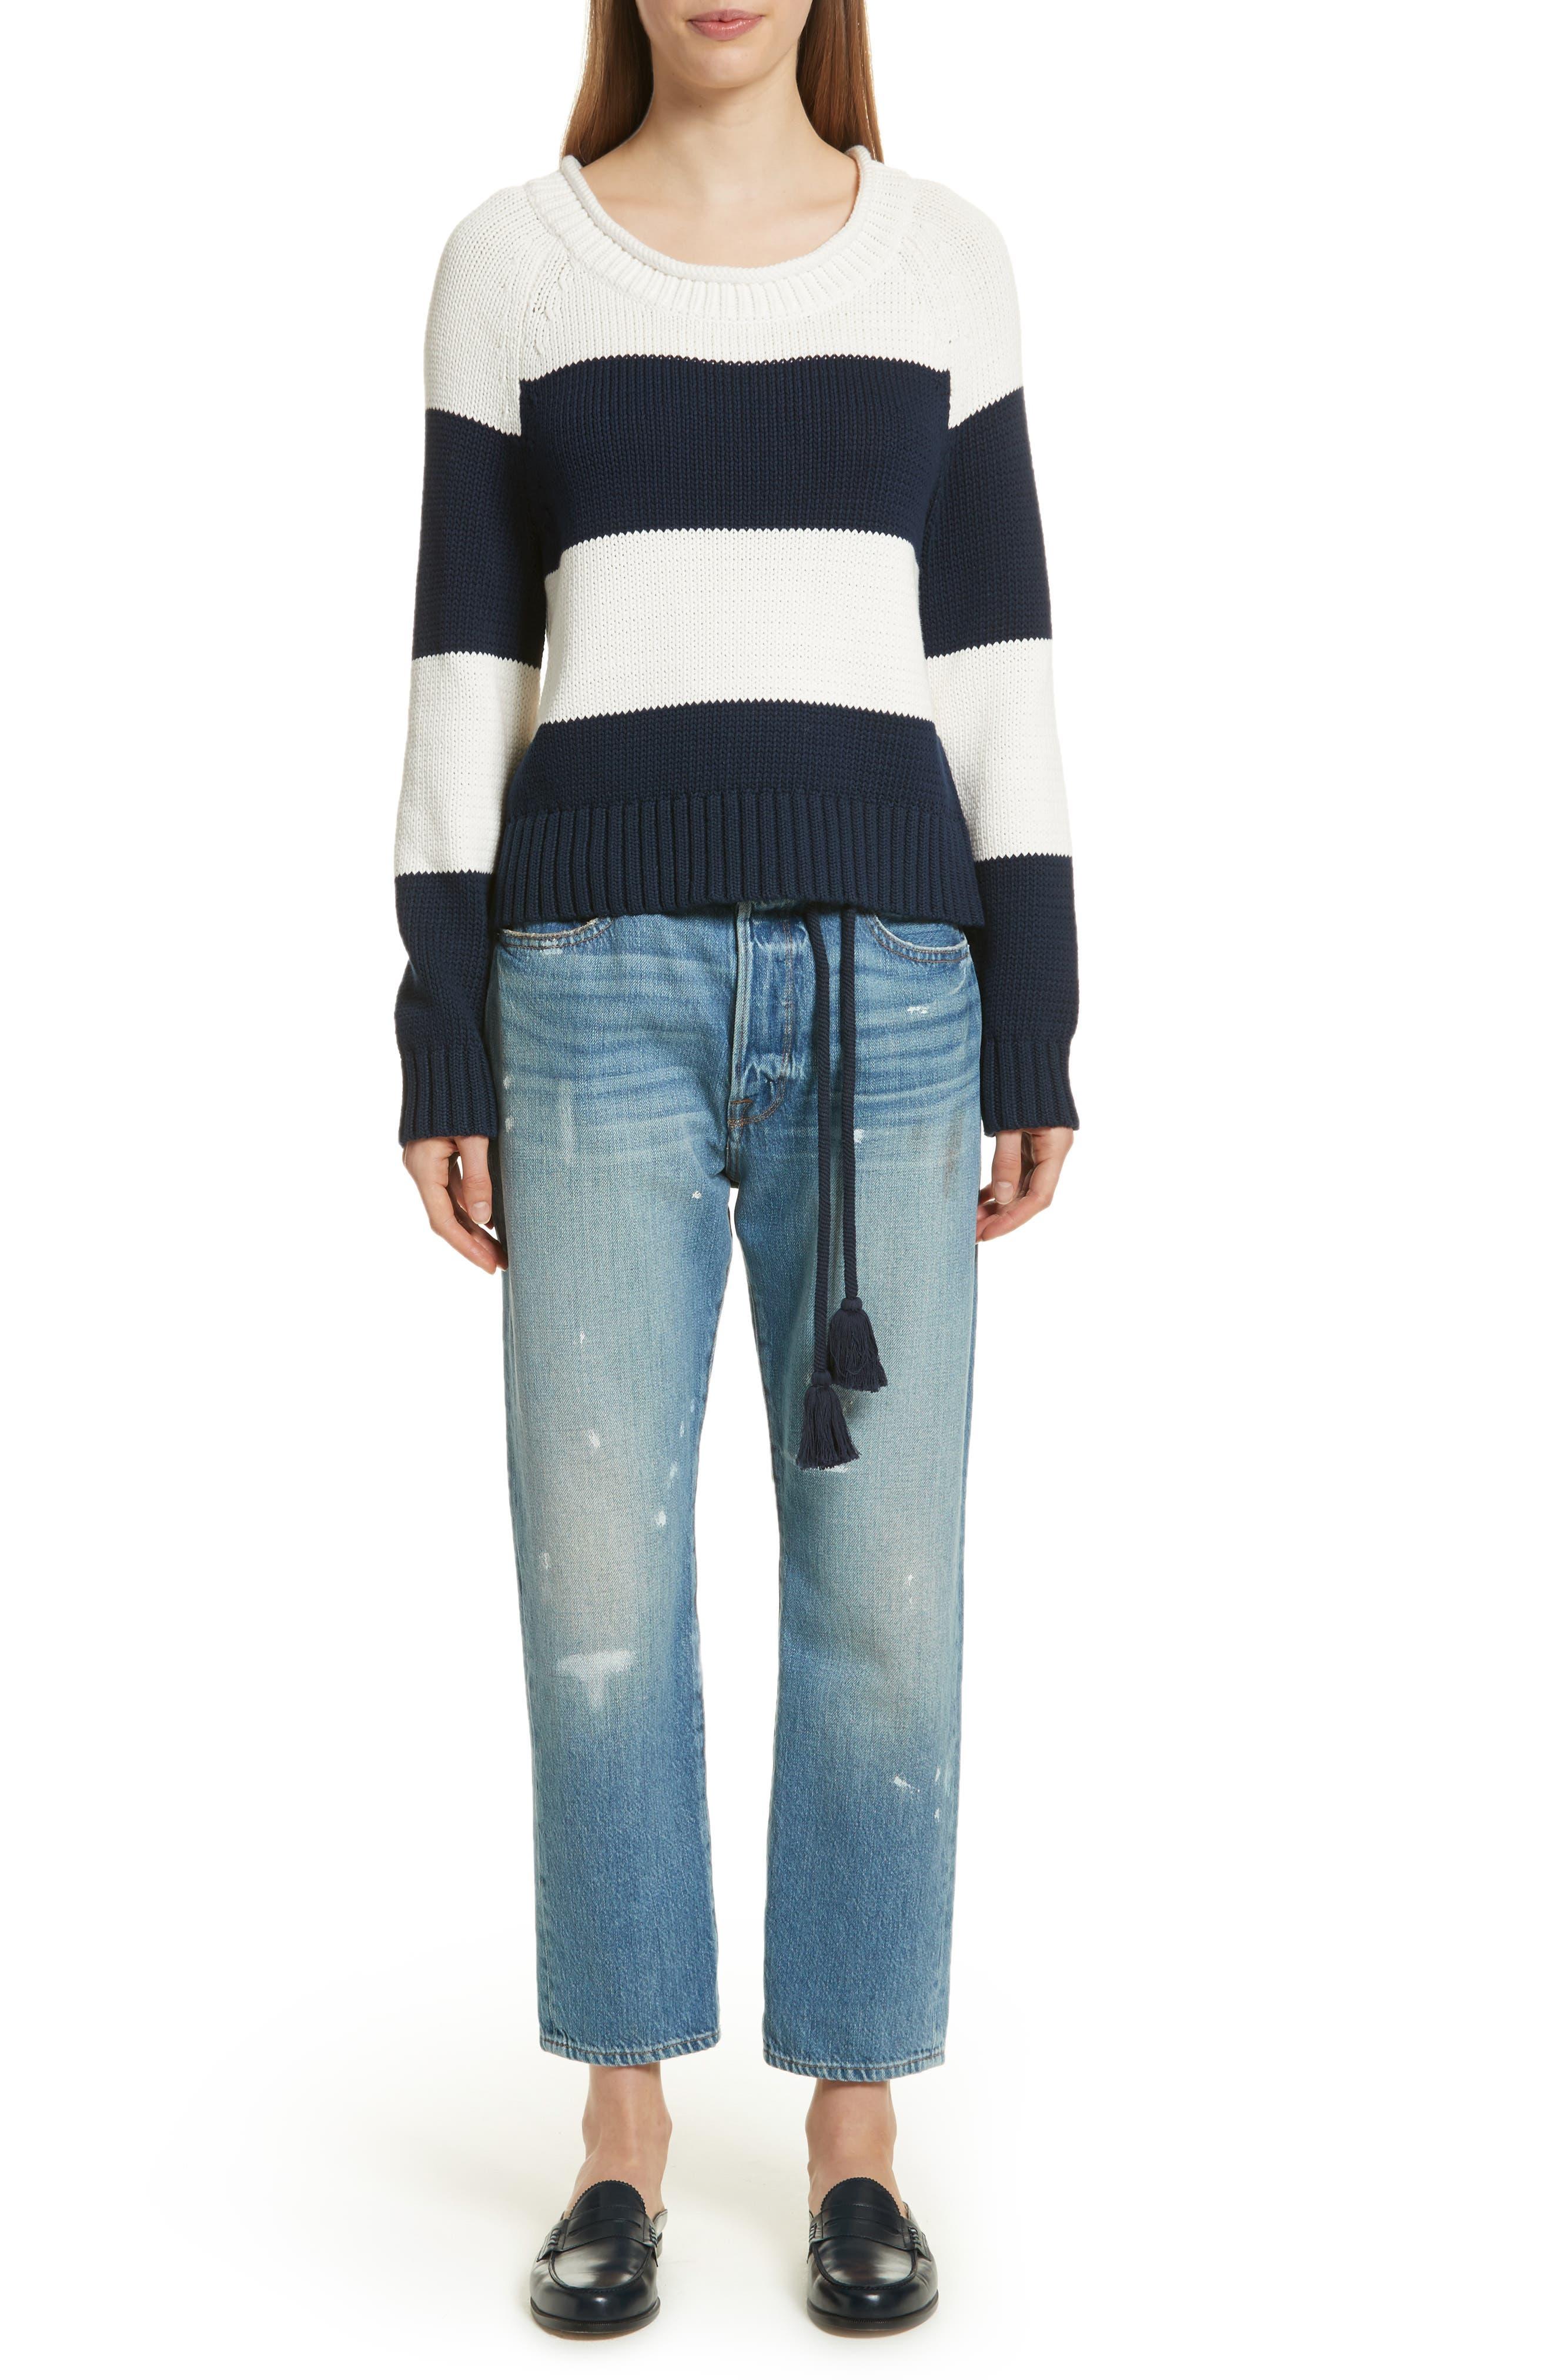 Le Original Tassel Tie High Waist Jeans,                             Alternate thumbnail 10, color,                             Bowman